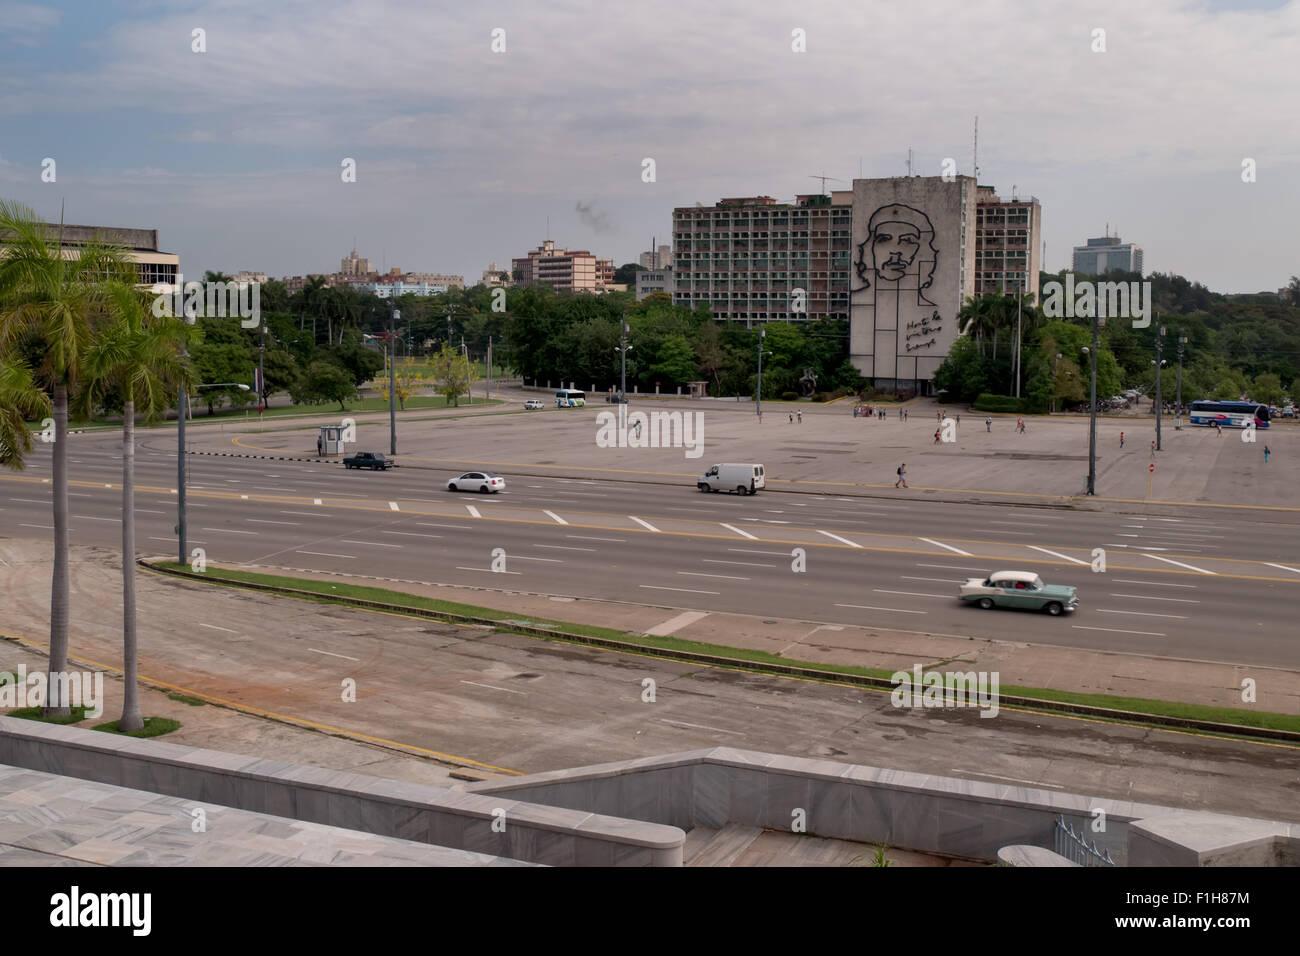 La Plaza de la Revolucion, carré à La Havane, Cuba. Cuba Voyage, vue sur la ville, des monuments, des édifices. Les voitures sur la rue et les touristes Banque D'Images